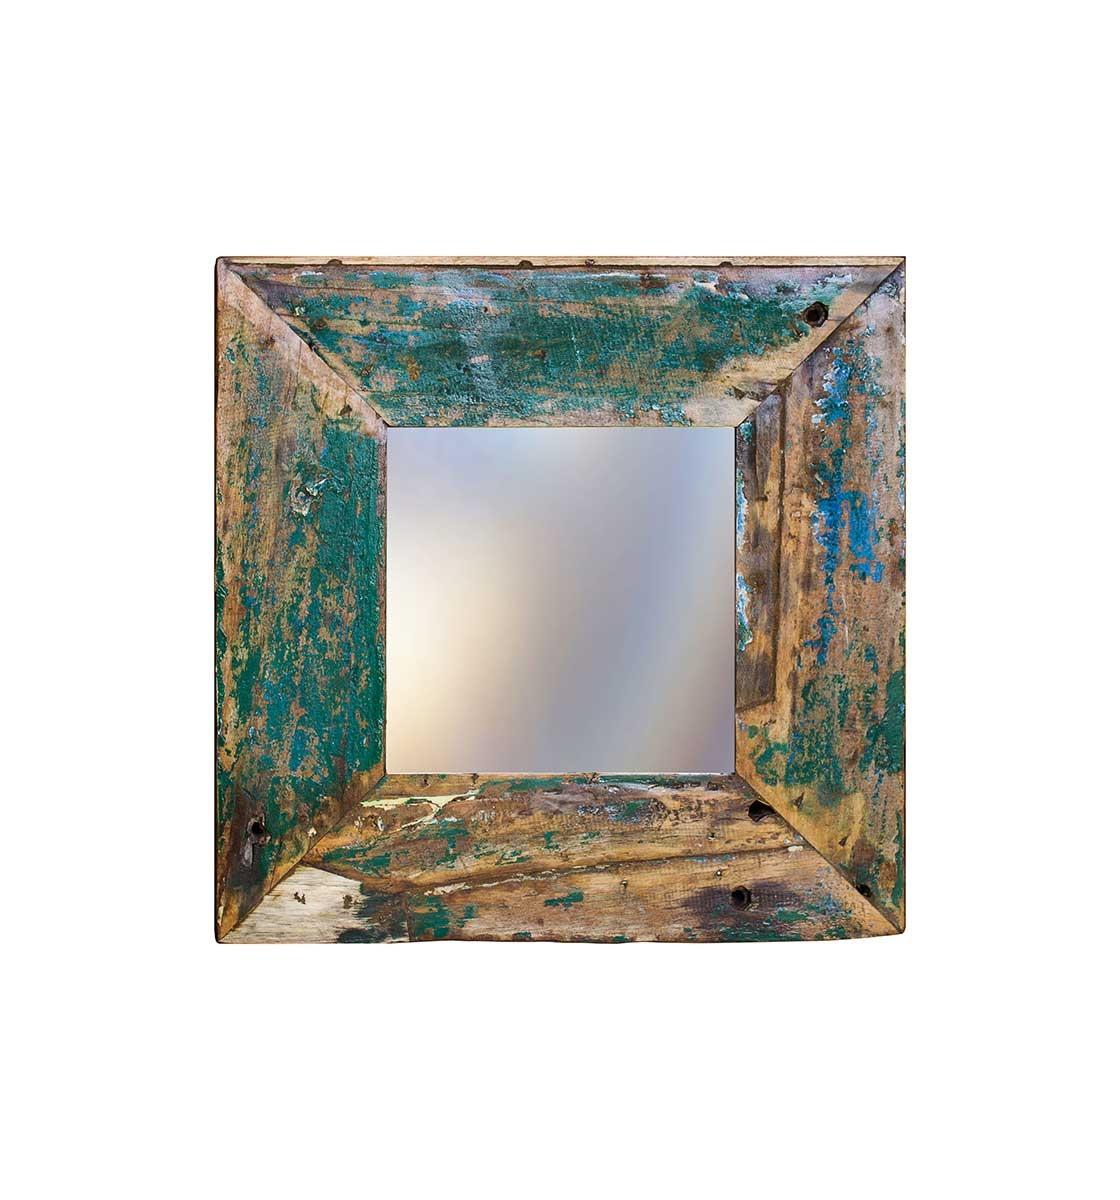 Зеркало Свет мой зеркальцеНастенные зеркала<br>Зеркало выполнено из фрагментов настоящего рыболовецкого судна, возраст которого 20-40 лет. Окрас сохранён оригинальный.<br><br>Material: Тик<br>Ширина см: 60<br>Высота см: 60<br>Глубина см: 4